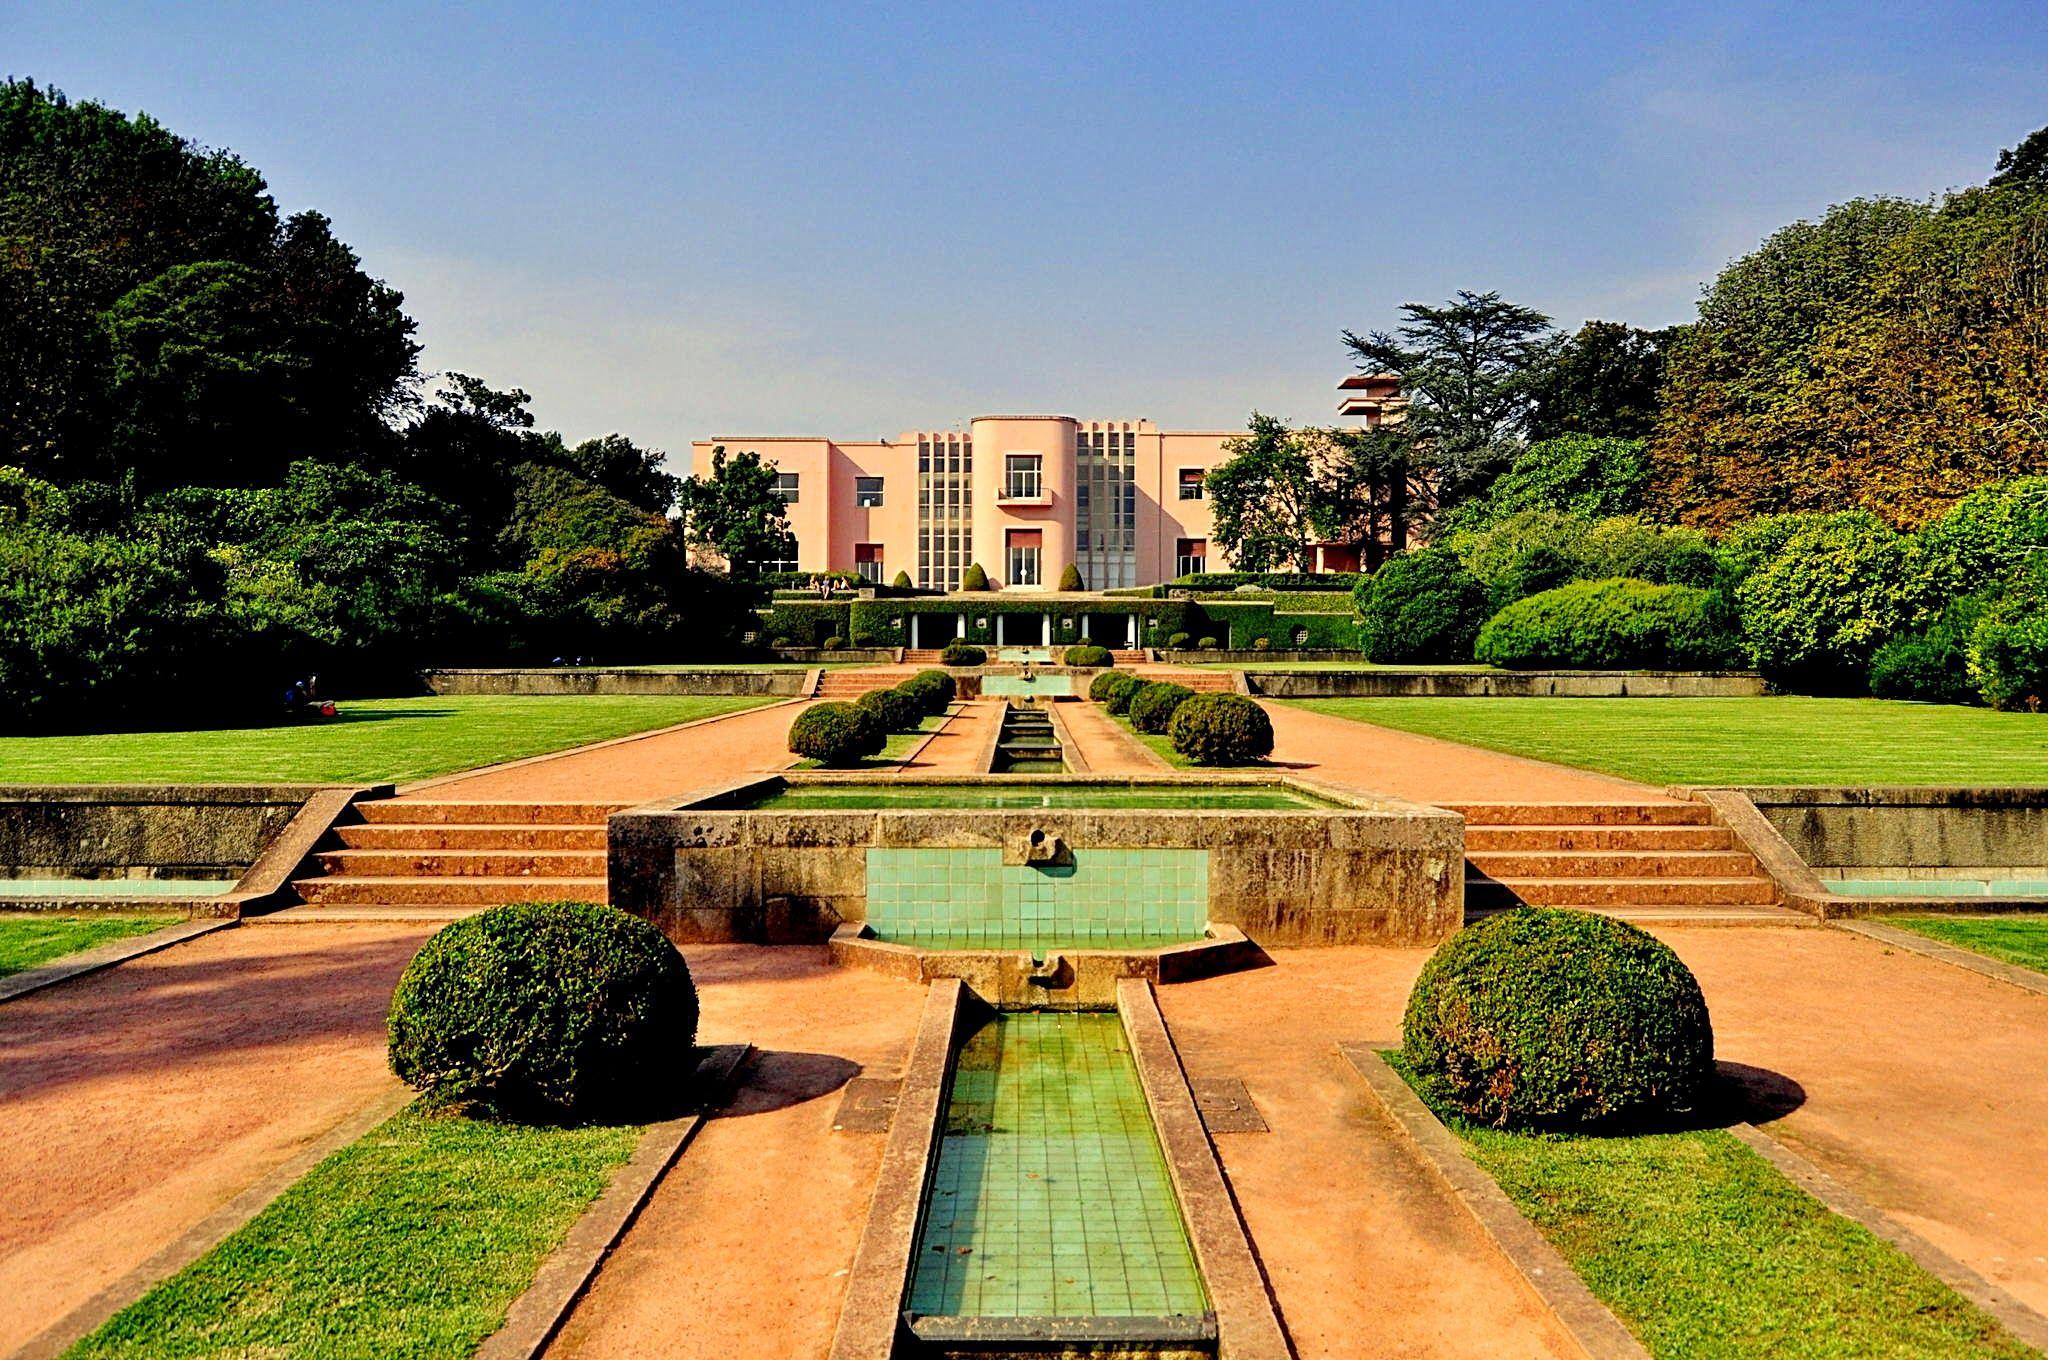 Jardins Deliciosos Avaliaes De Viajantes Museu